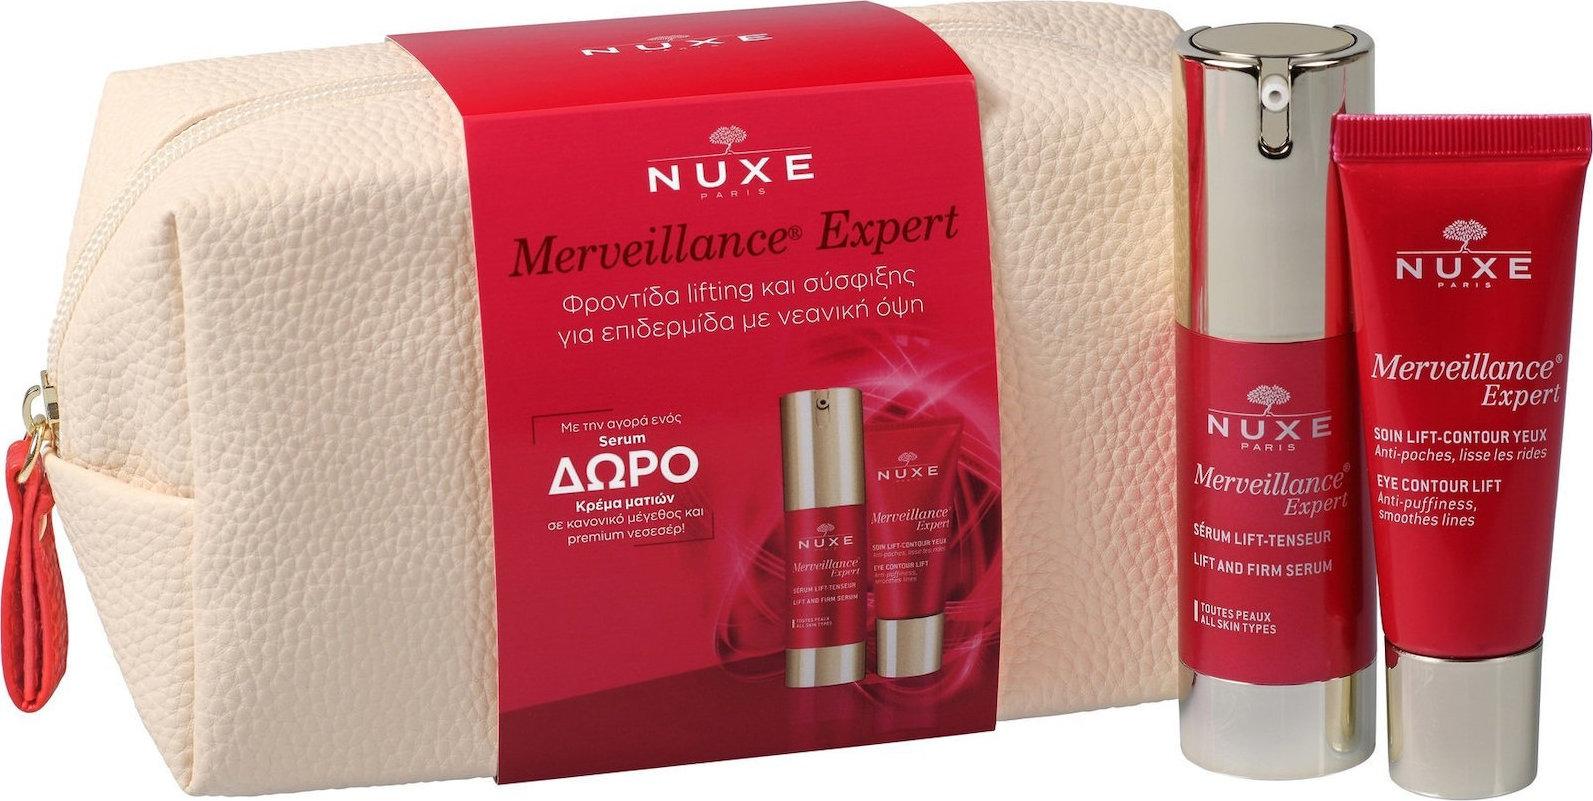 Nuxe - Promo Marveillance Expert Serum 30ml & Δώρο Eye Contour Lift 15ml